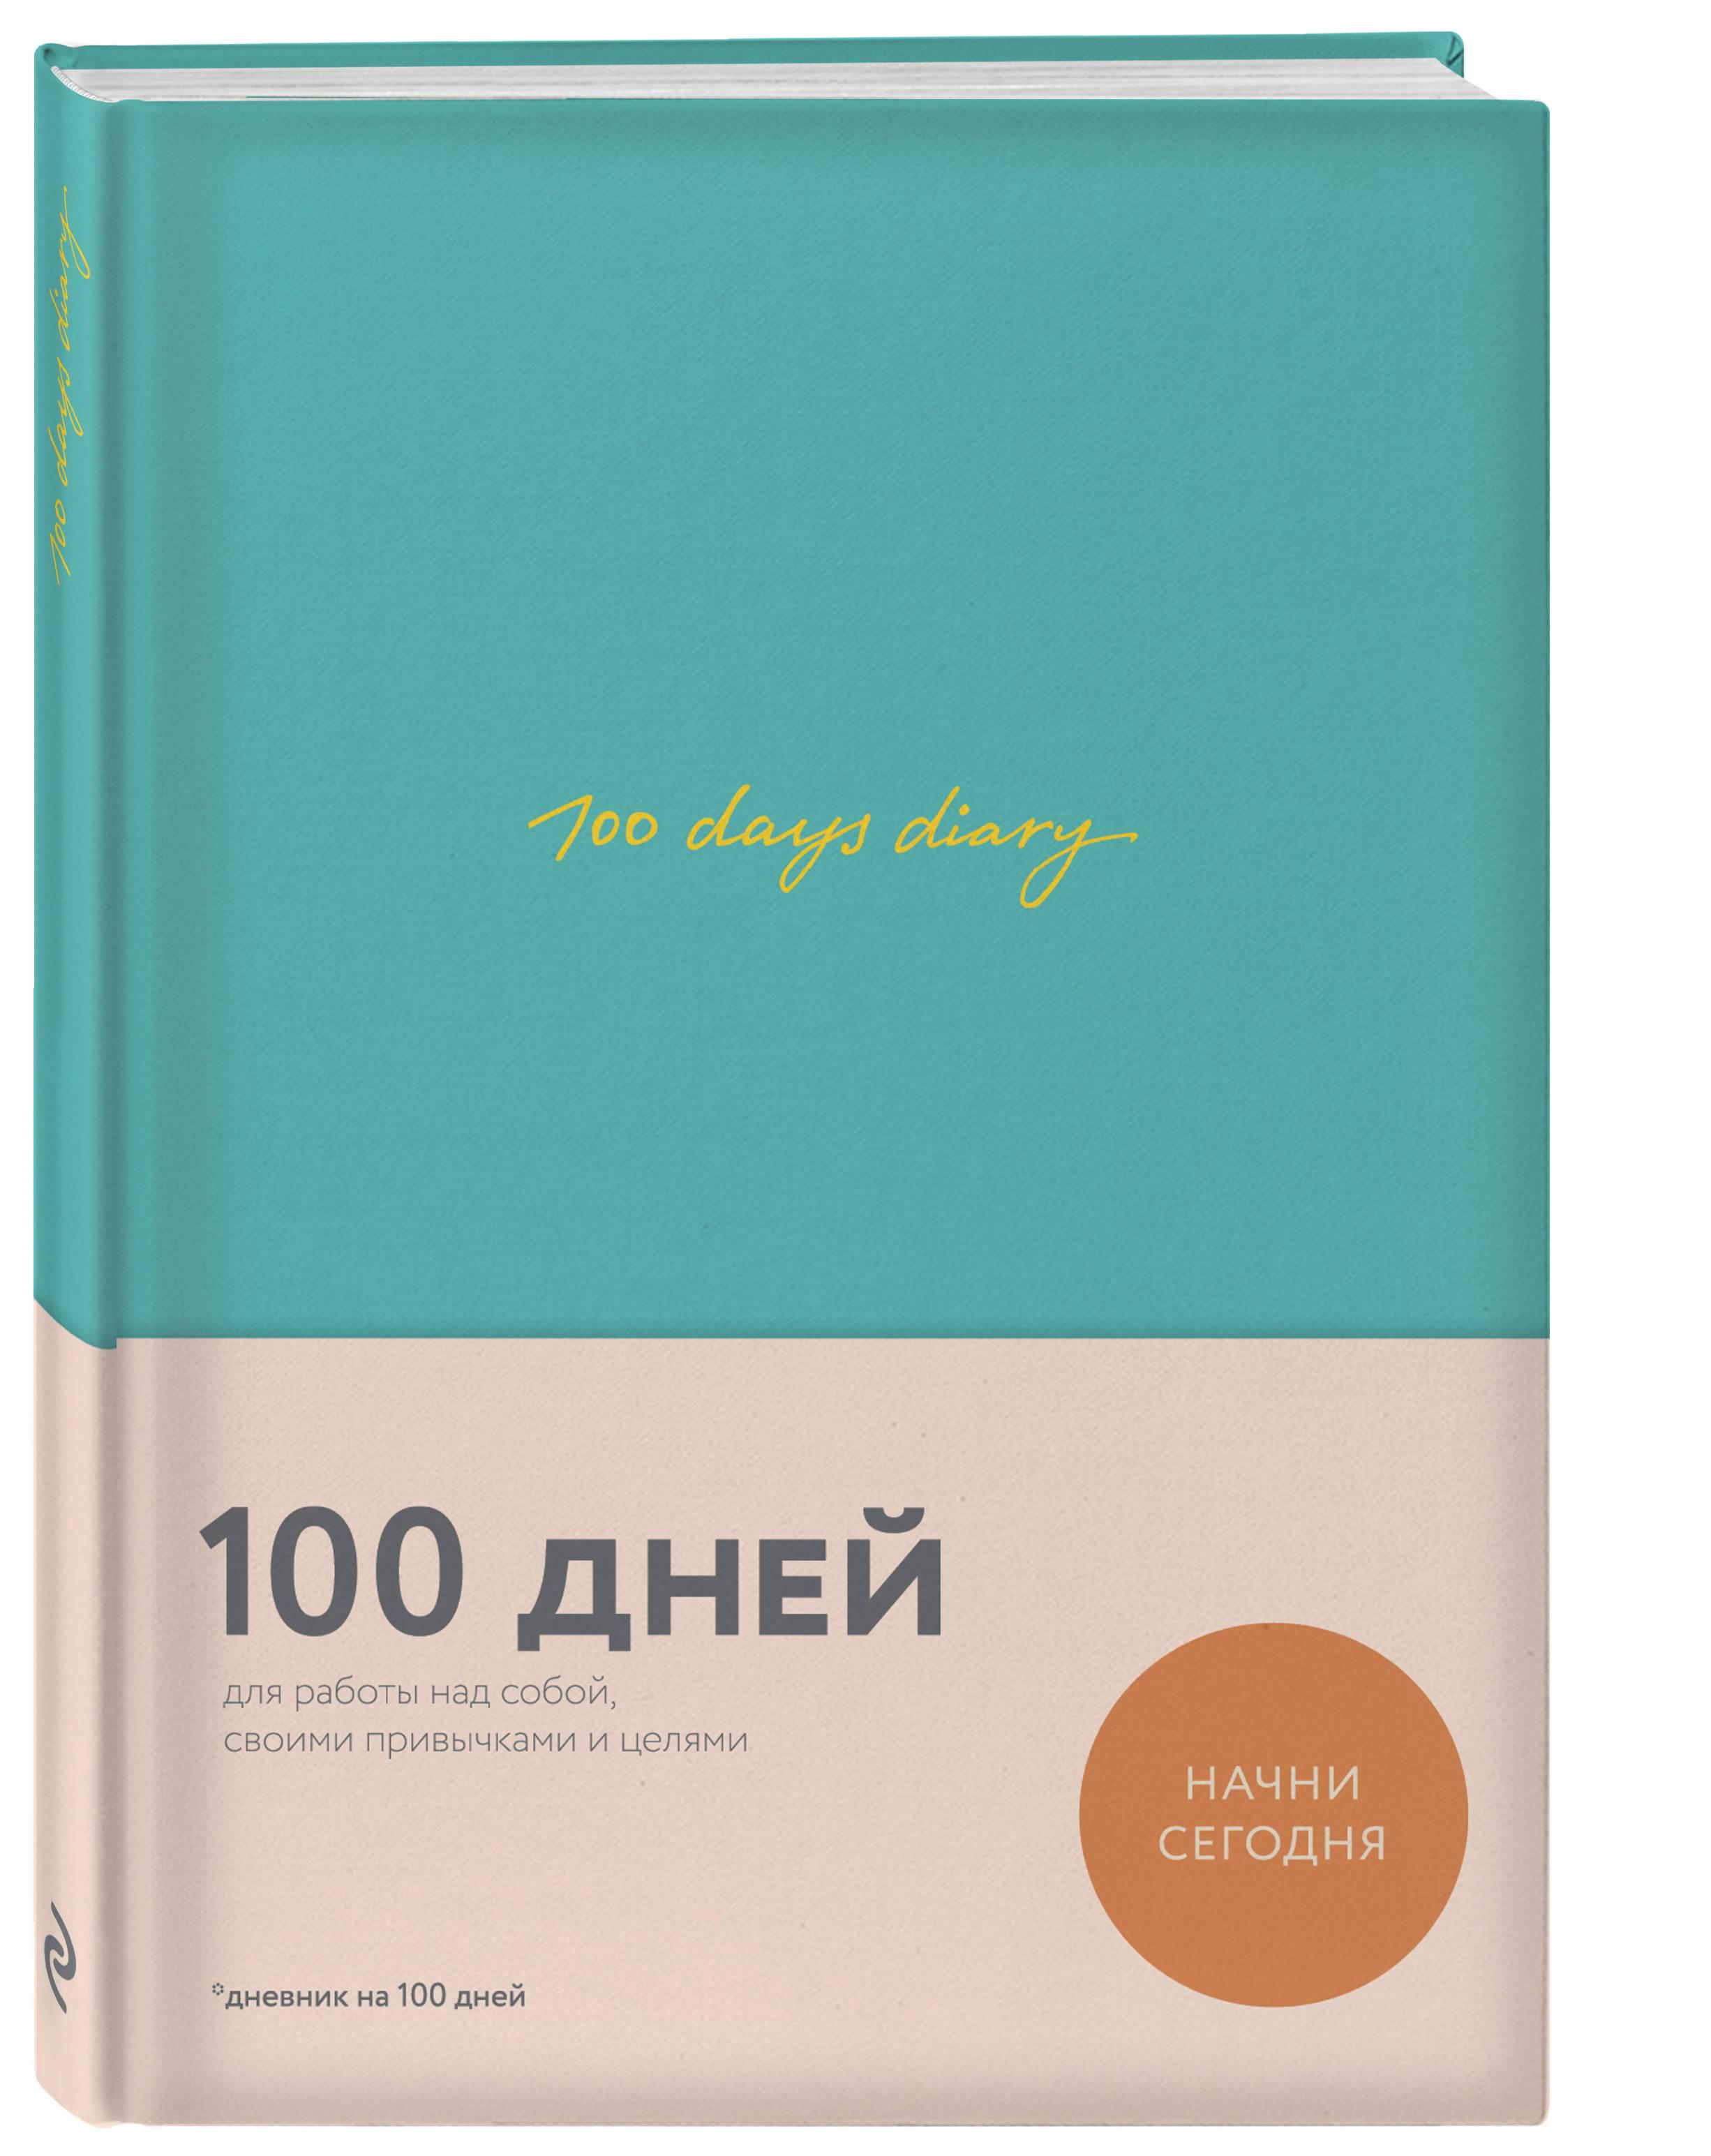 Веденеева В. 100 days diary. Ежедневник на 100 дней, для работы над собой (формат А5, тонированная бумага, ляссе, мятная обложка) fraud exposed